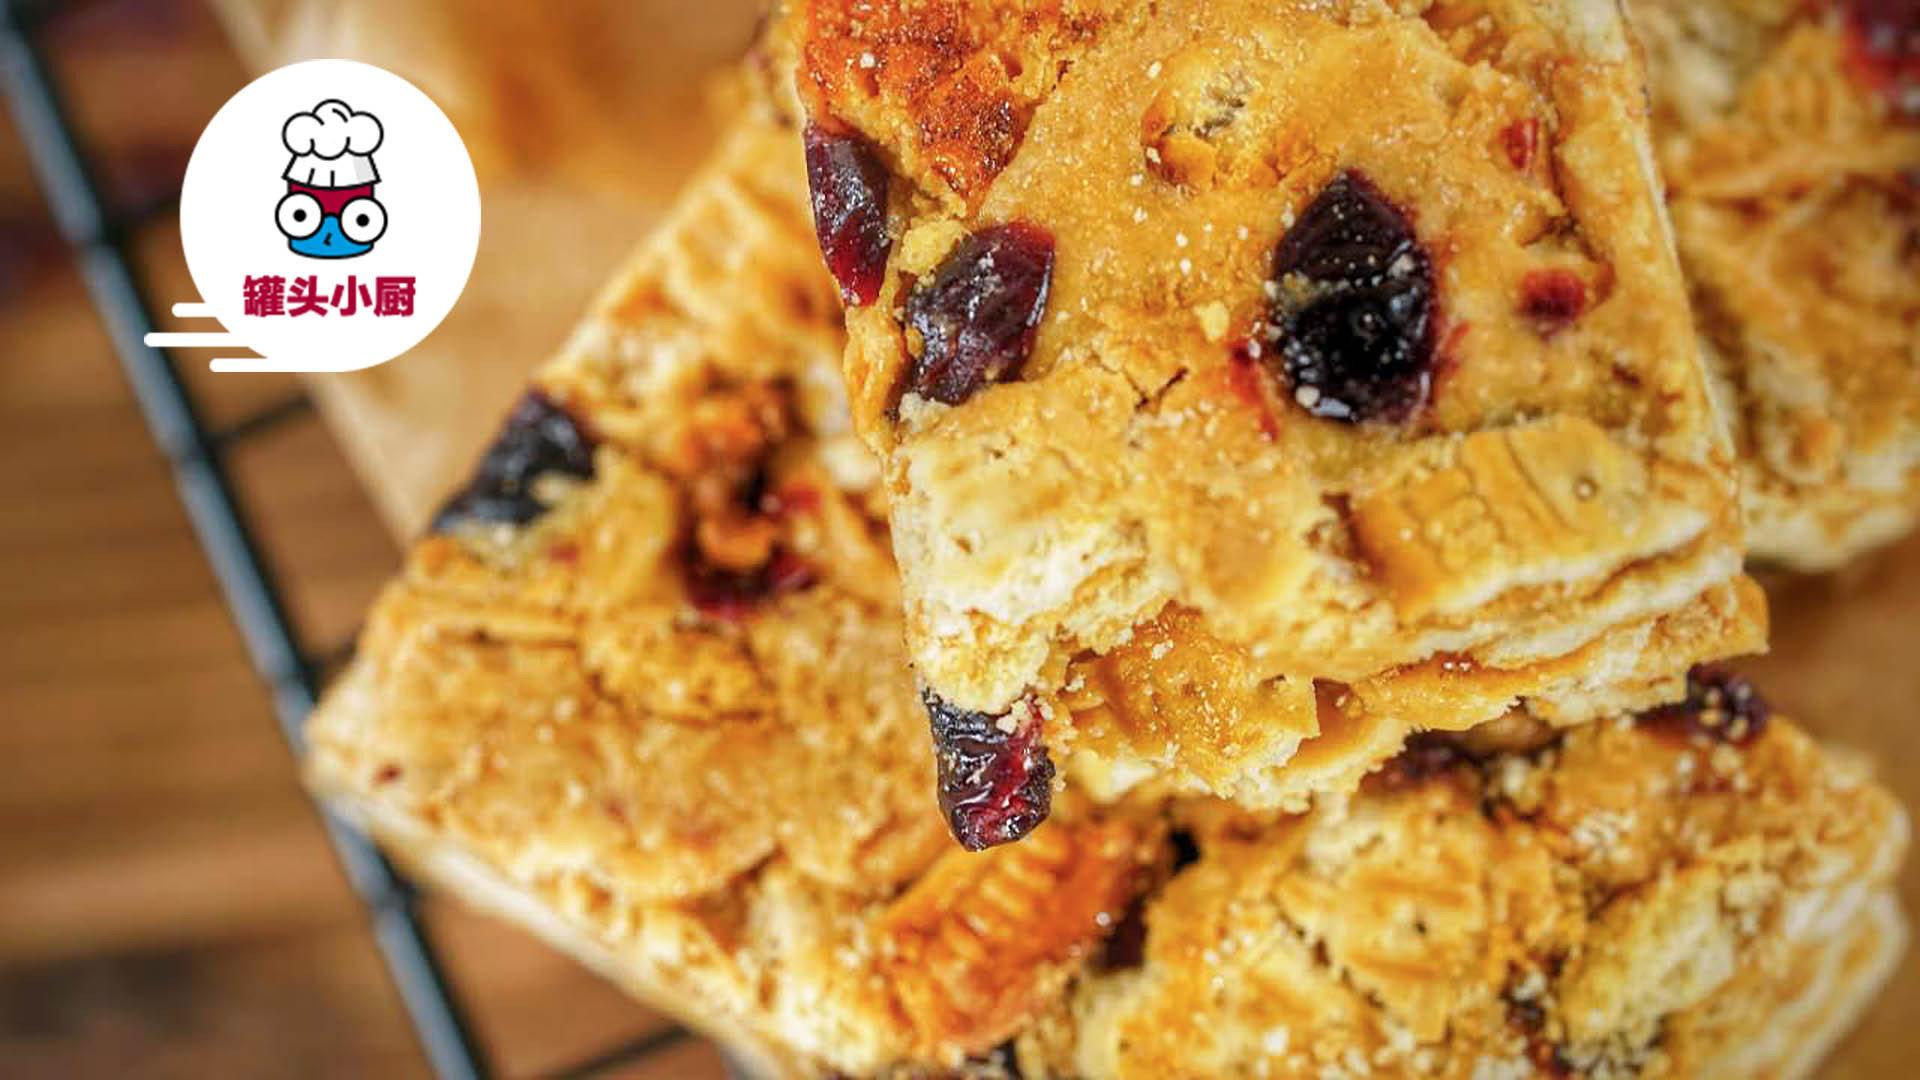 免烤棉花糖雪Q饼,据说这就是甜品界的无冕之王